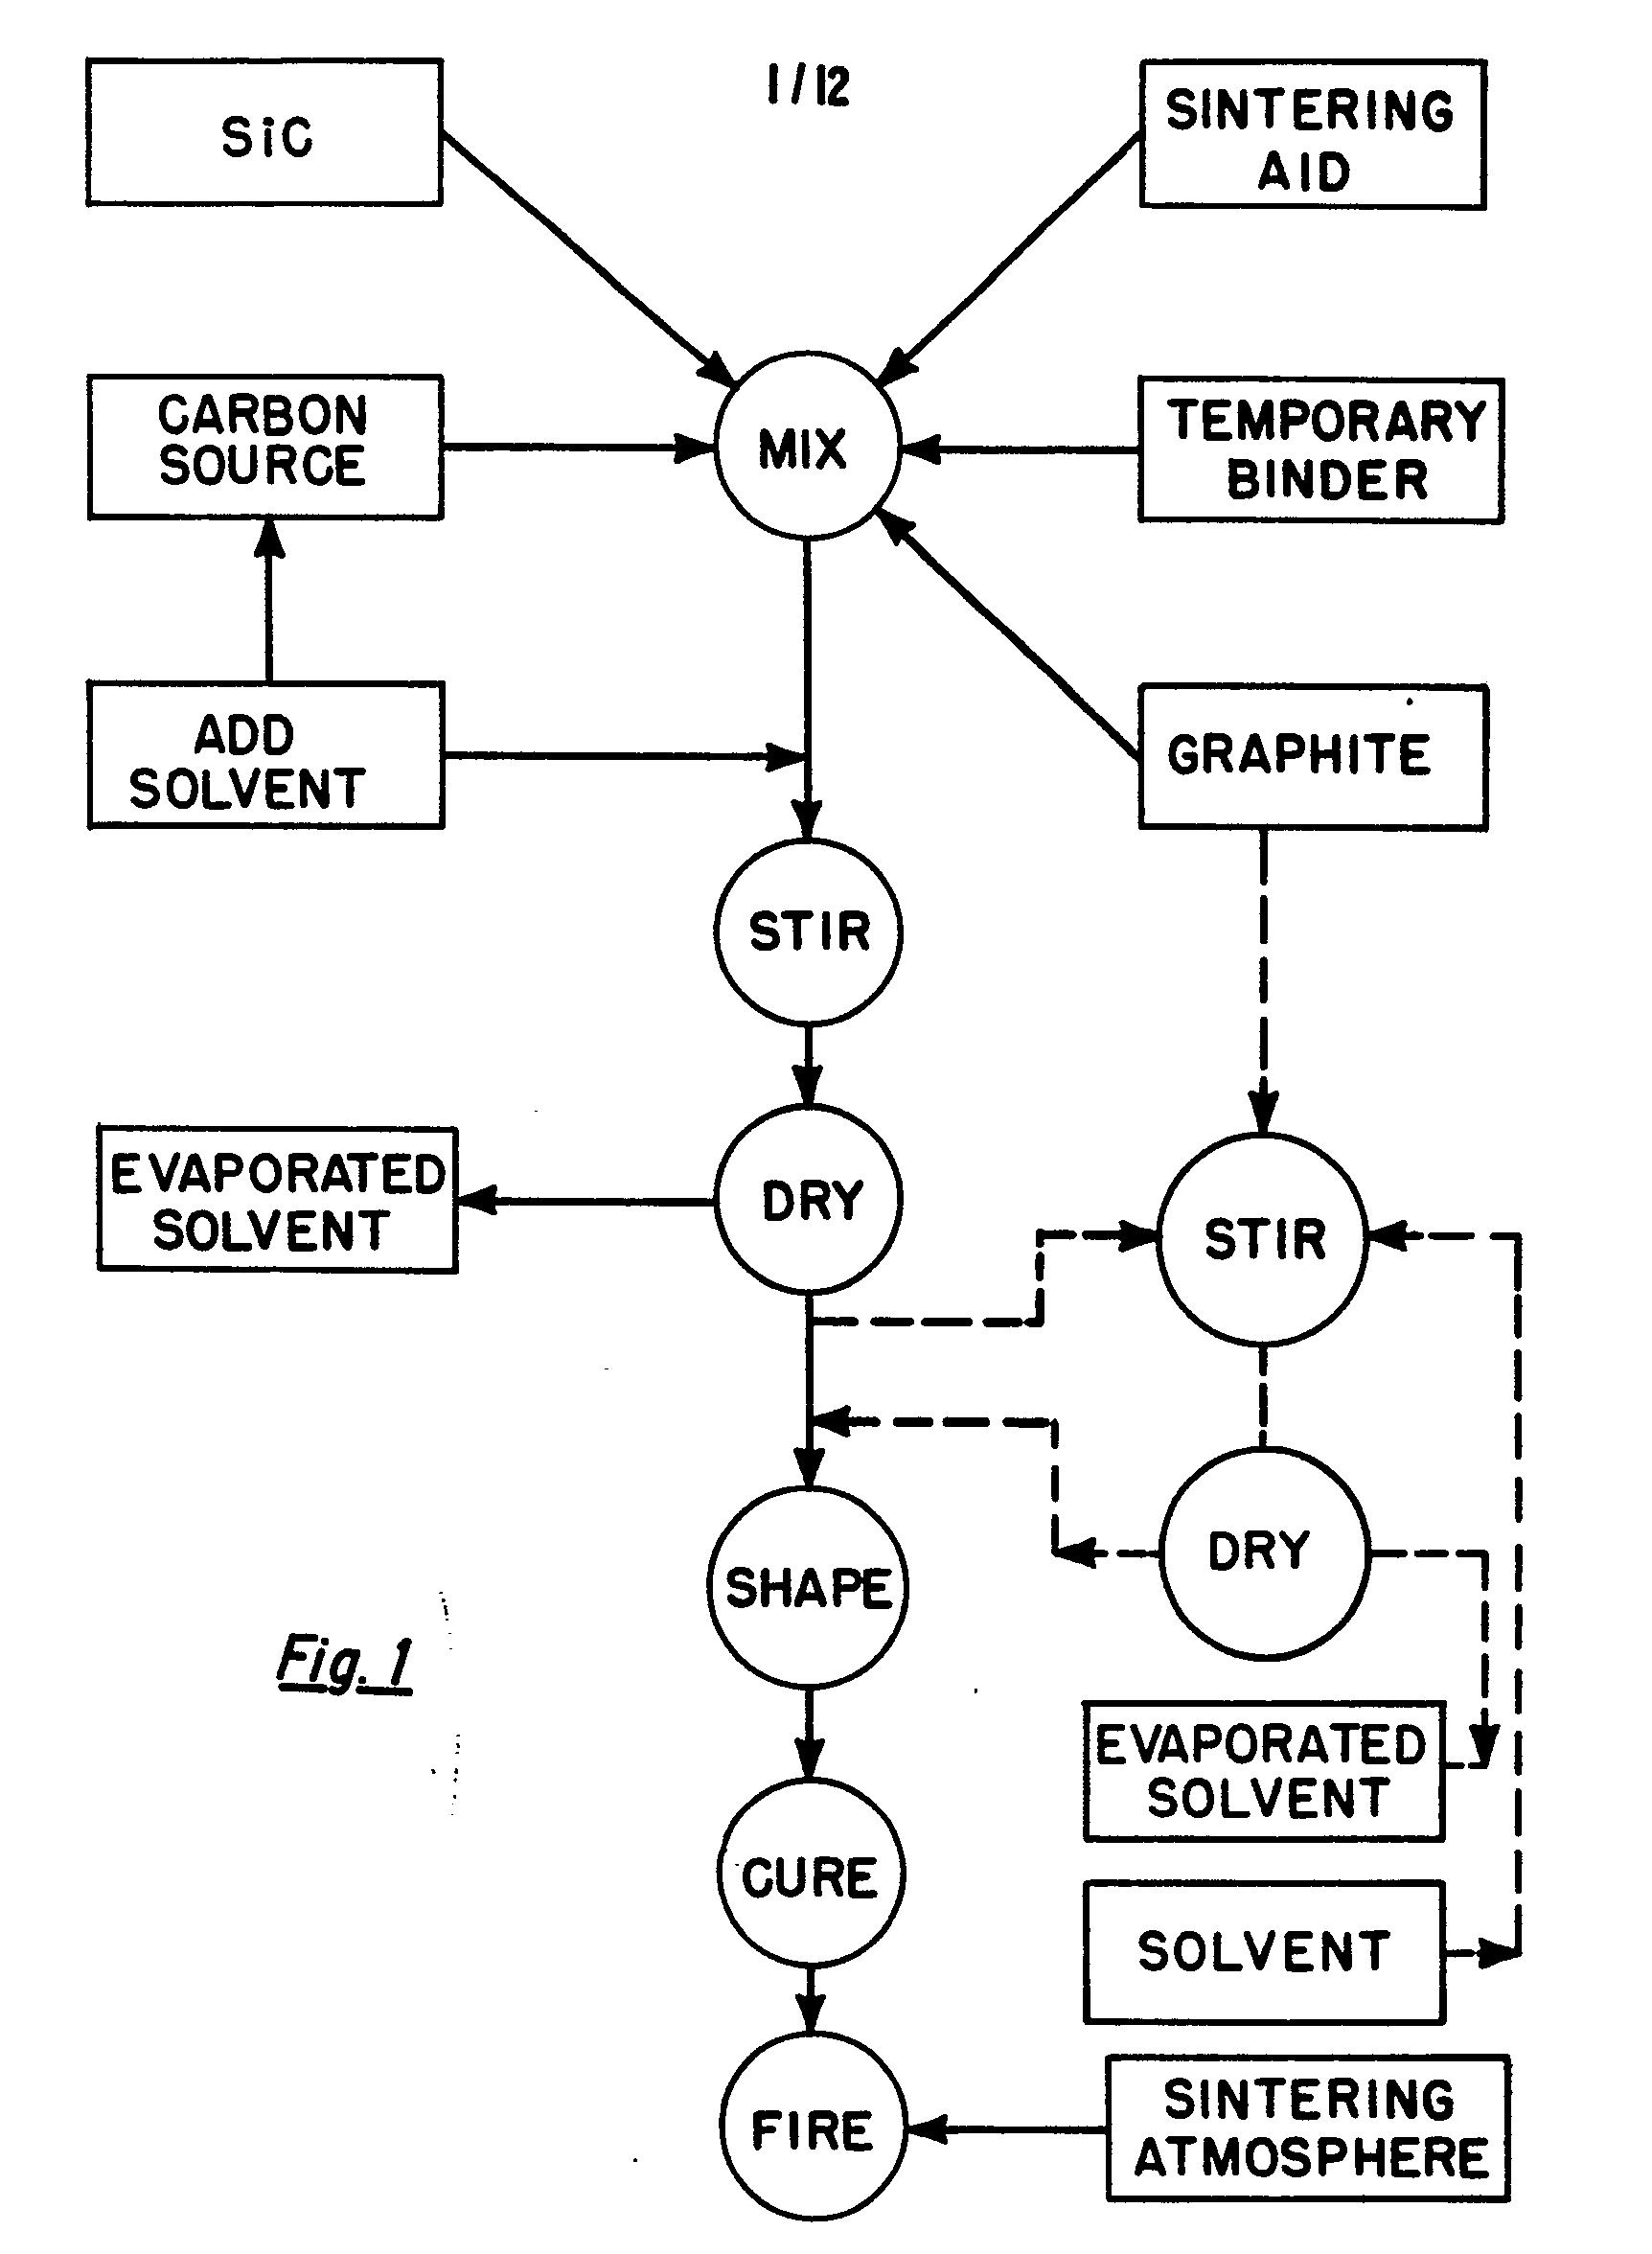 kennecott carborundum Midland bldg cleveland, oh 44115-1093 - the carborundum company incorporated, sohio natural resources company, kennecott corporation, the carborundum company.